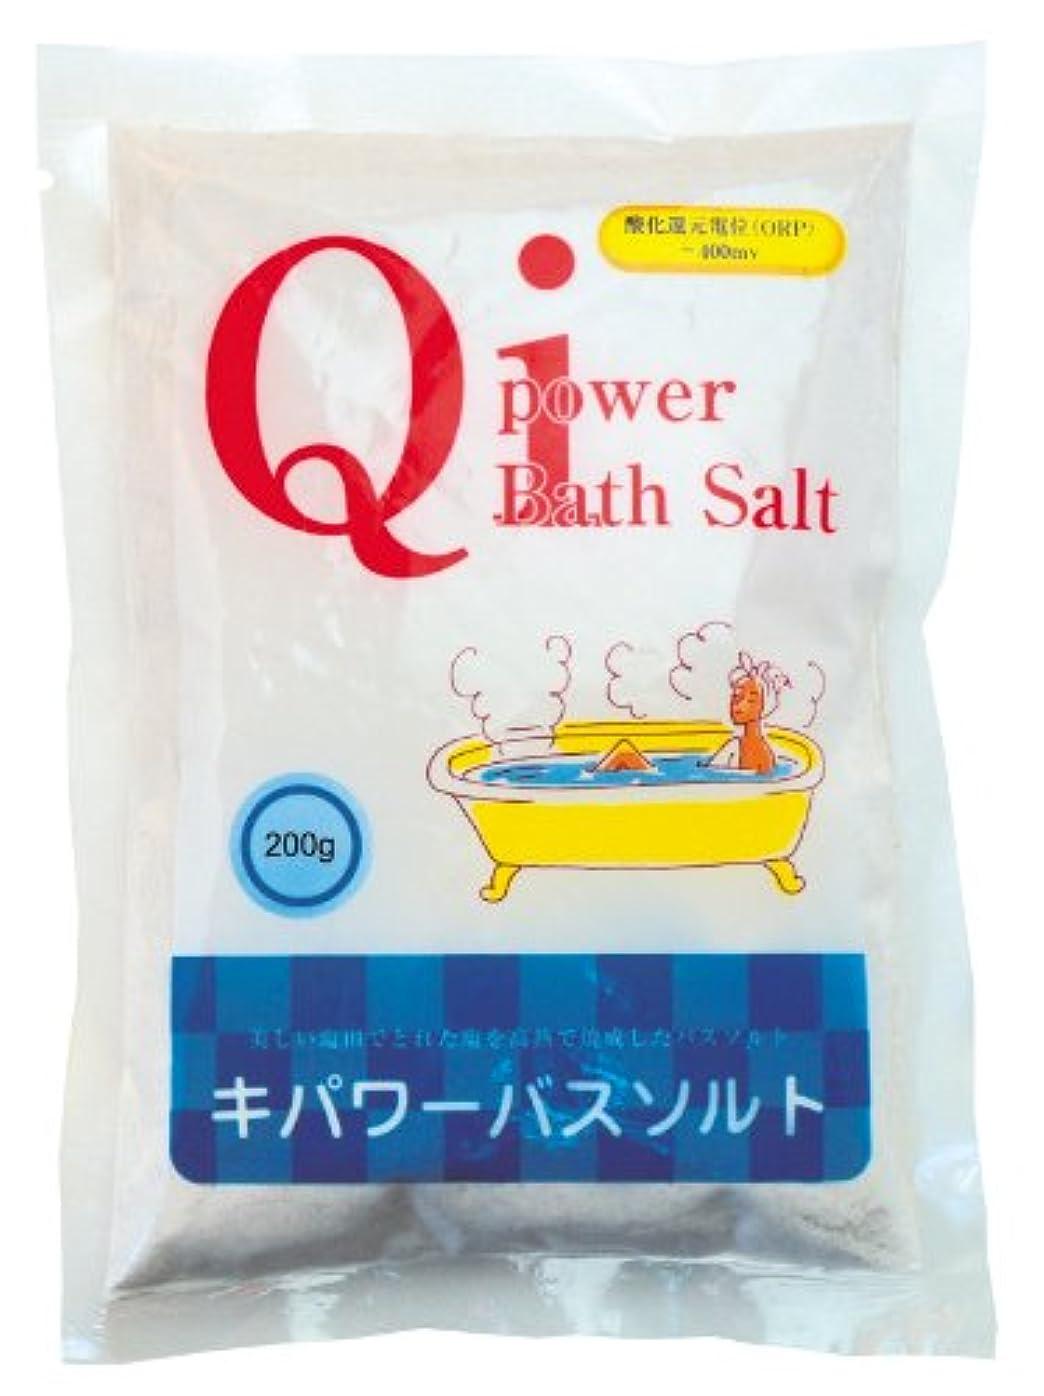 枯渇約縮れたキパワー 天日塩を独自高温焼成 キパワーバスソルト 200g 12セット